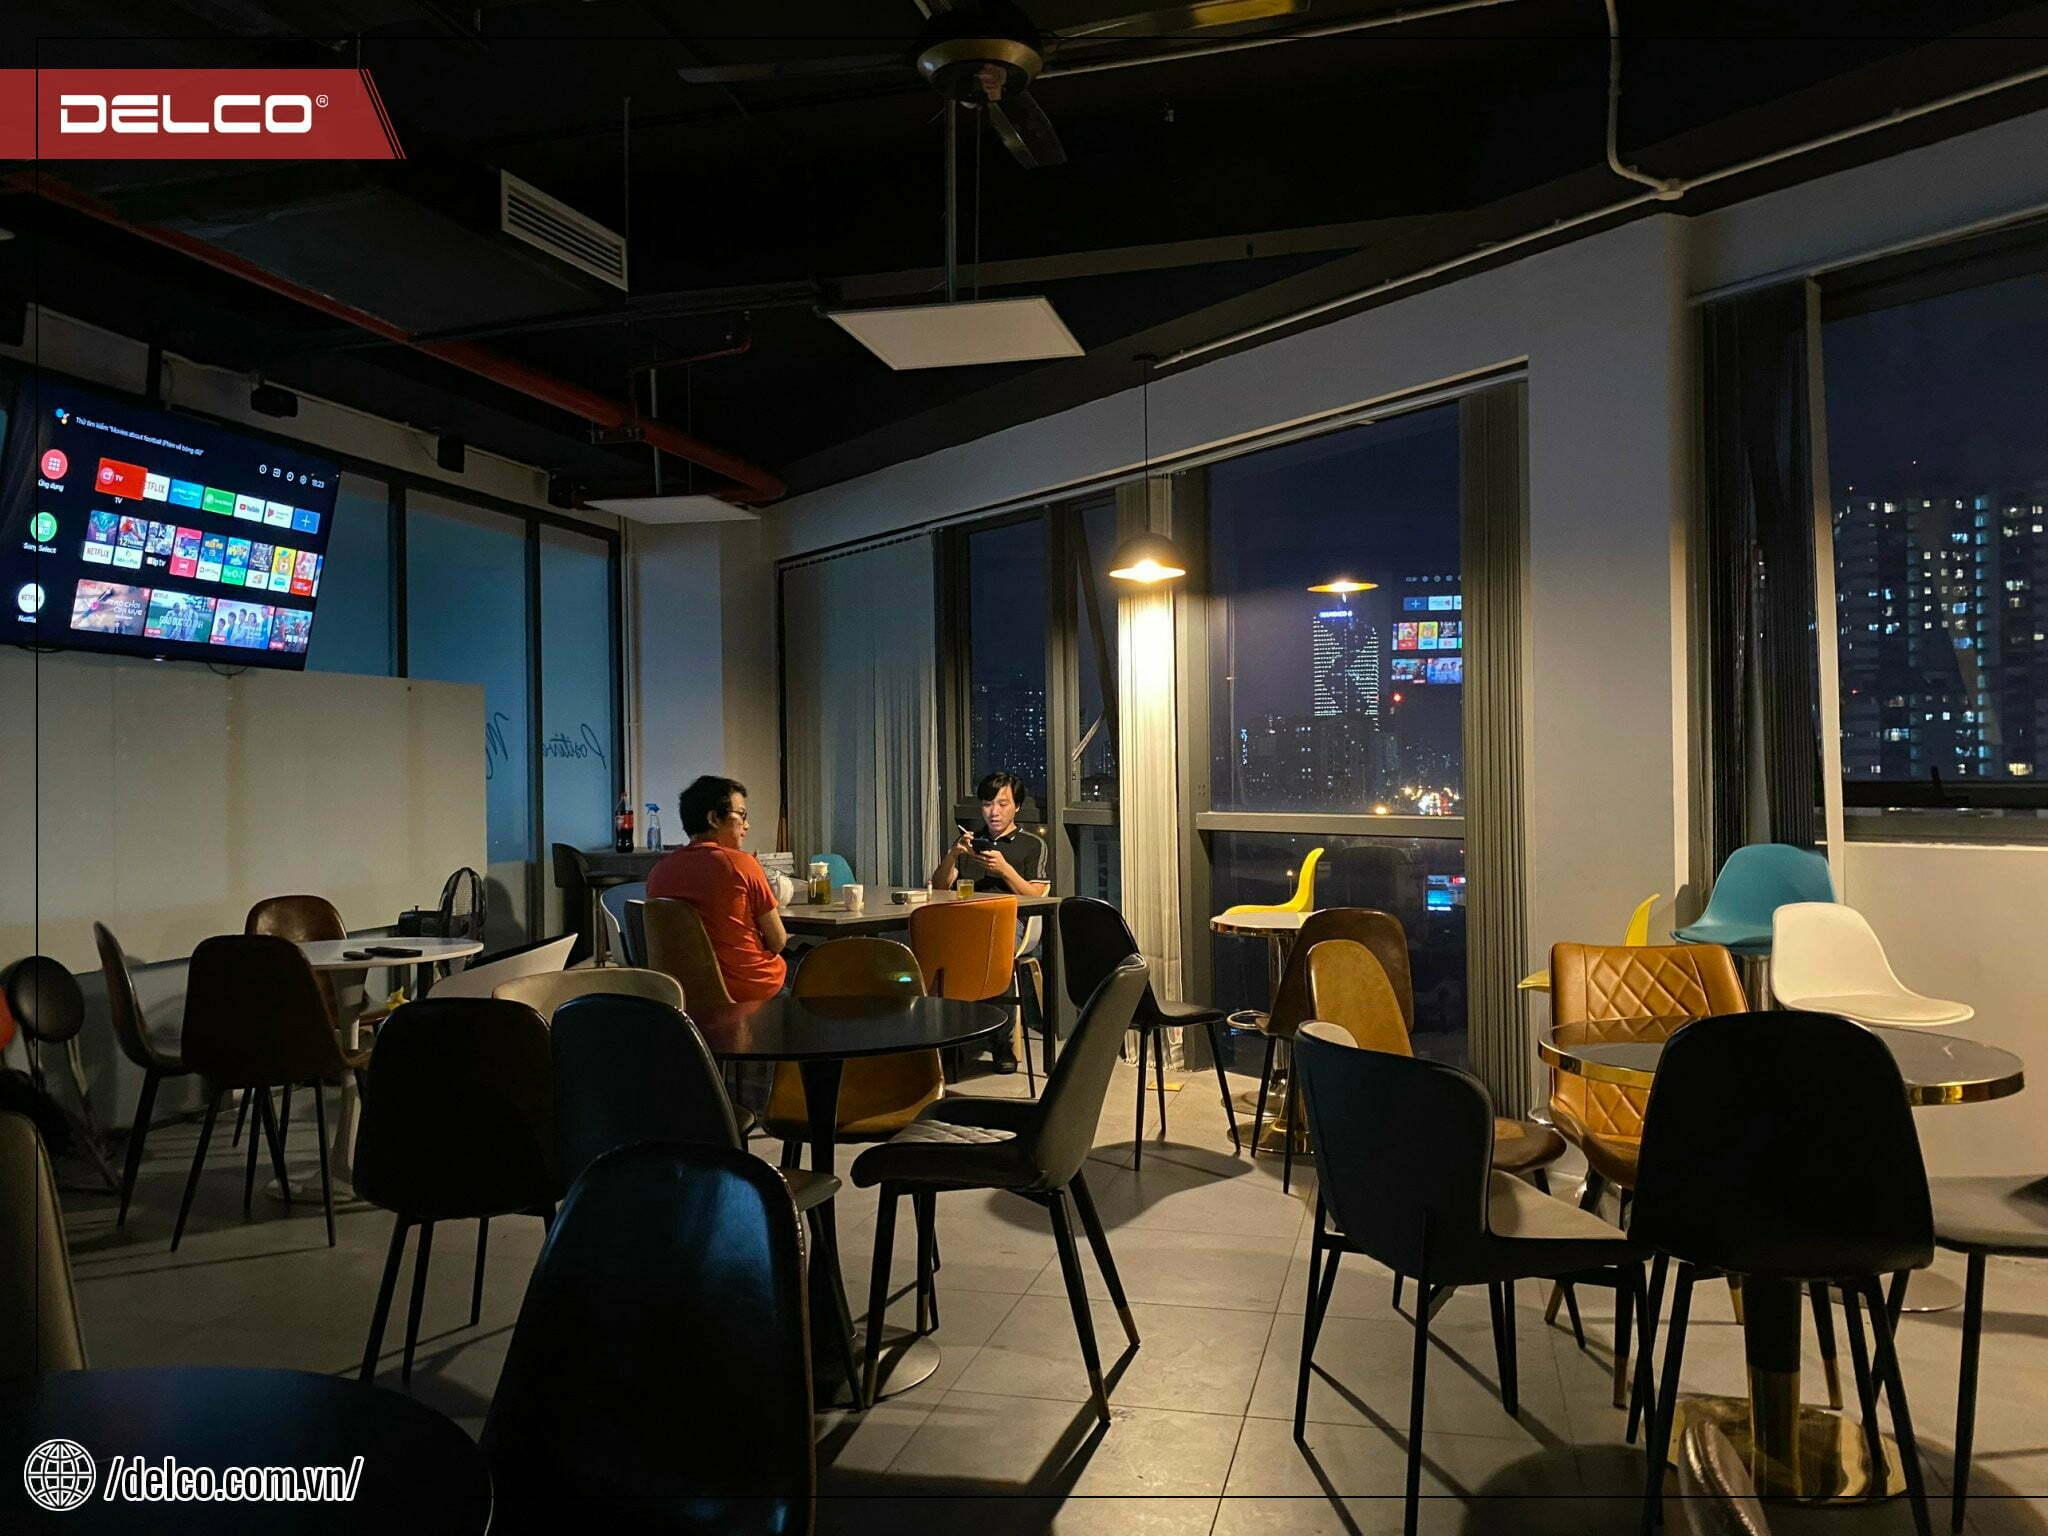 Khu vực cafeteria được thiết kế với phong cách hiện đại, không gian thoáng đãng, giúp giảm căng thẳng sau những giờ làm việc.